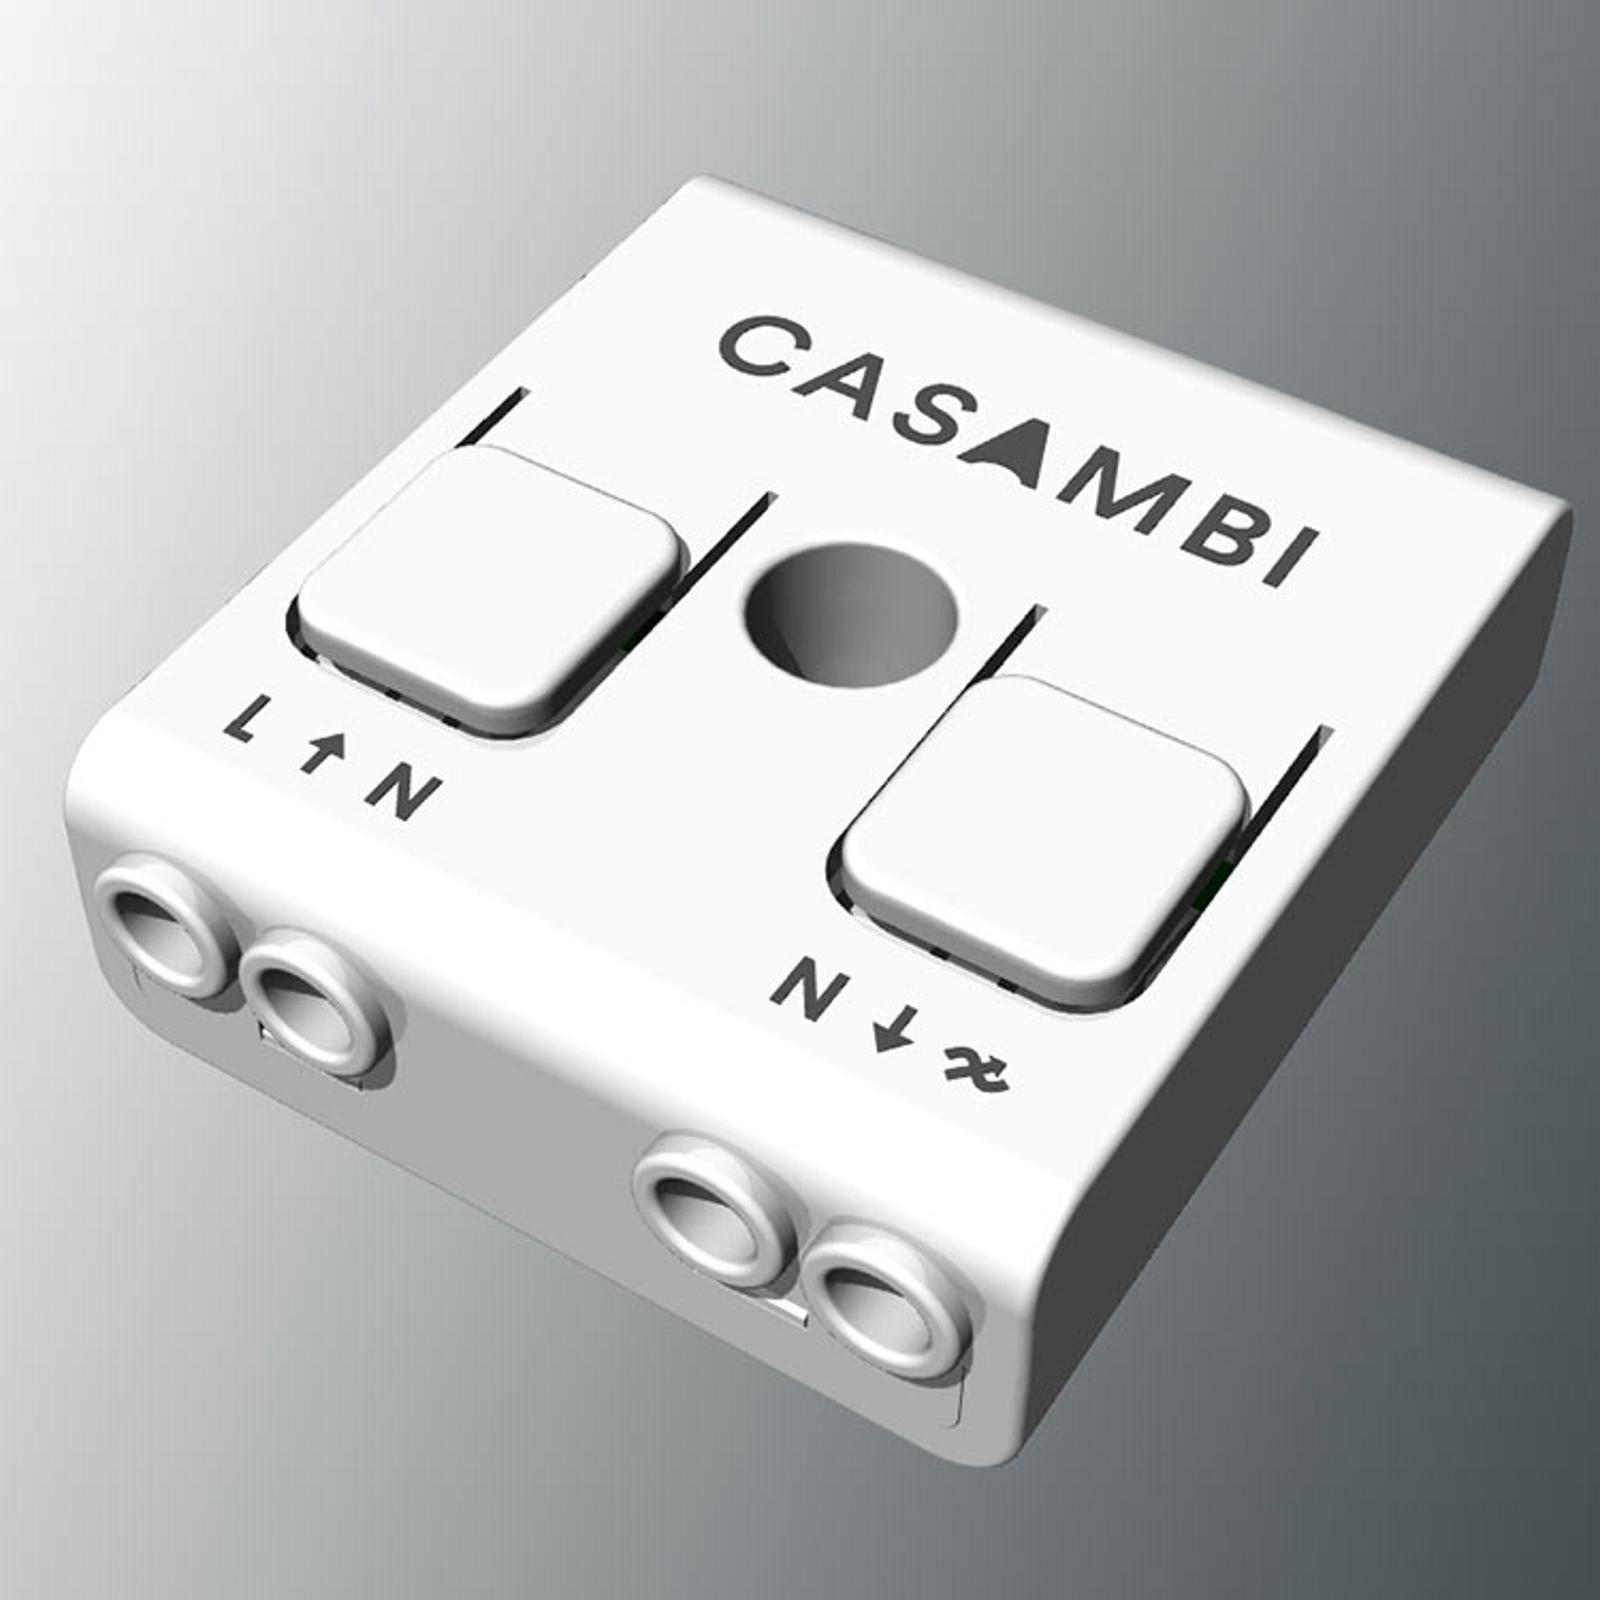 Kit per App Casambi con lampade BOPP